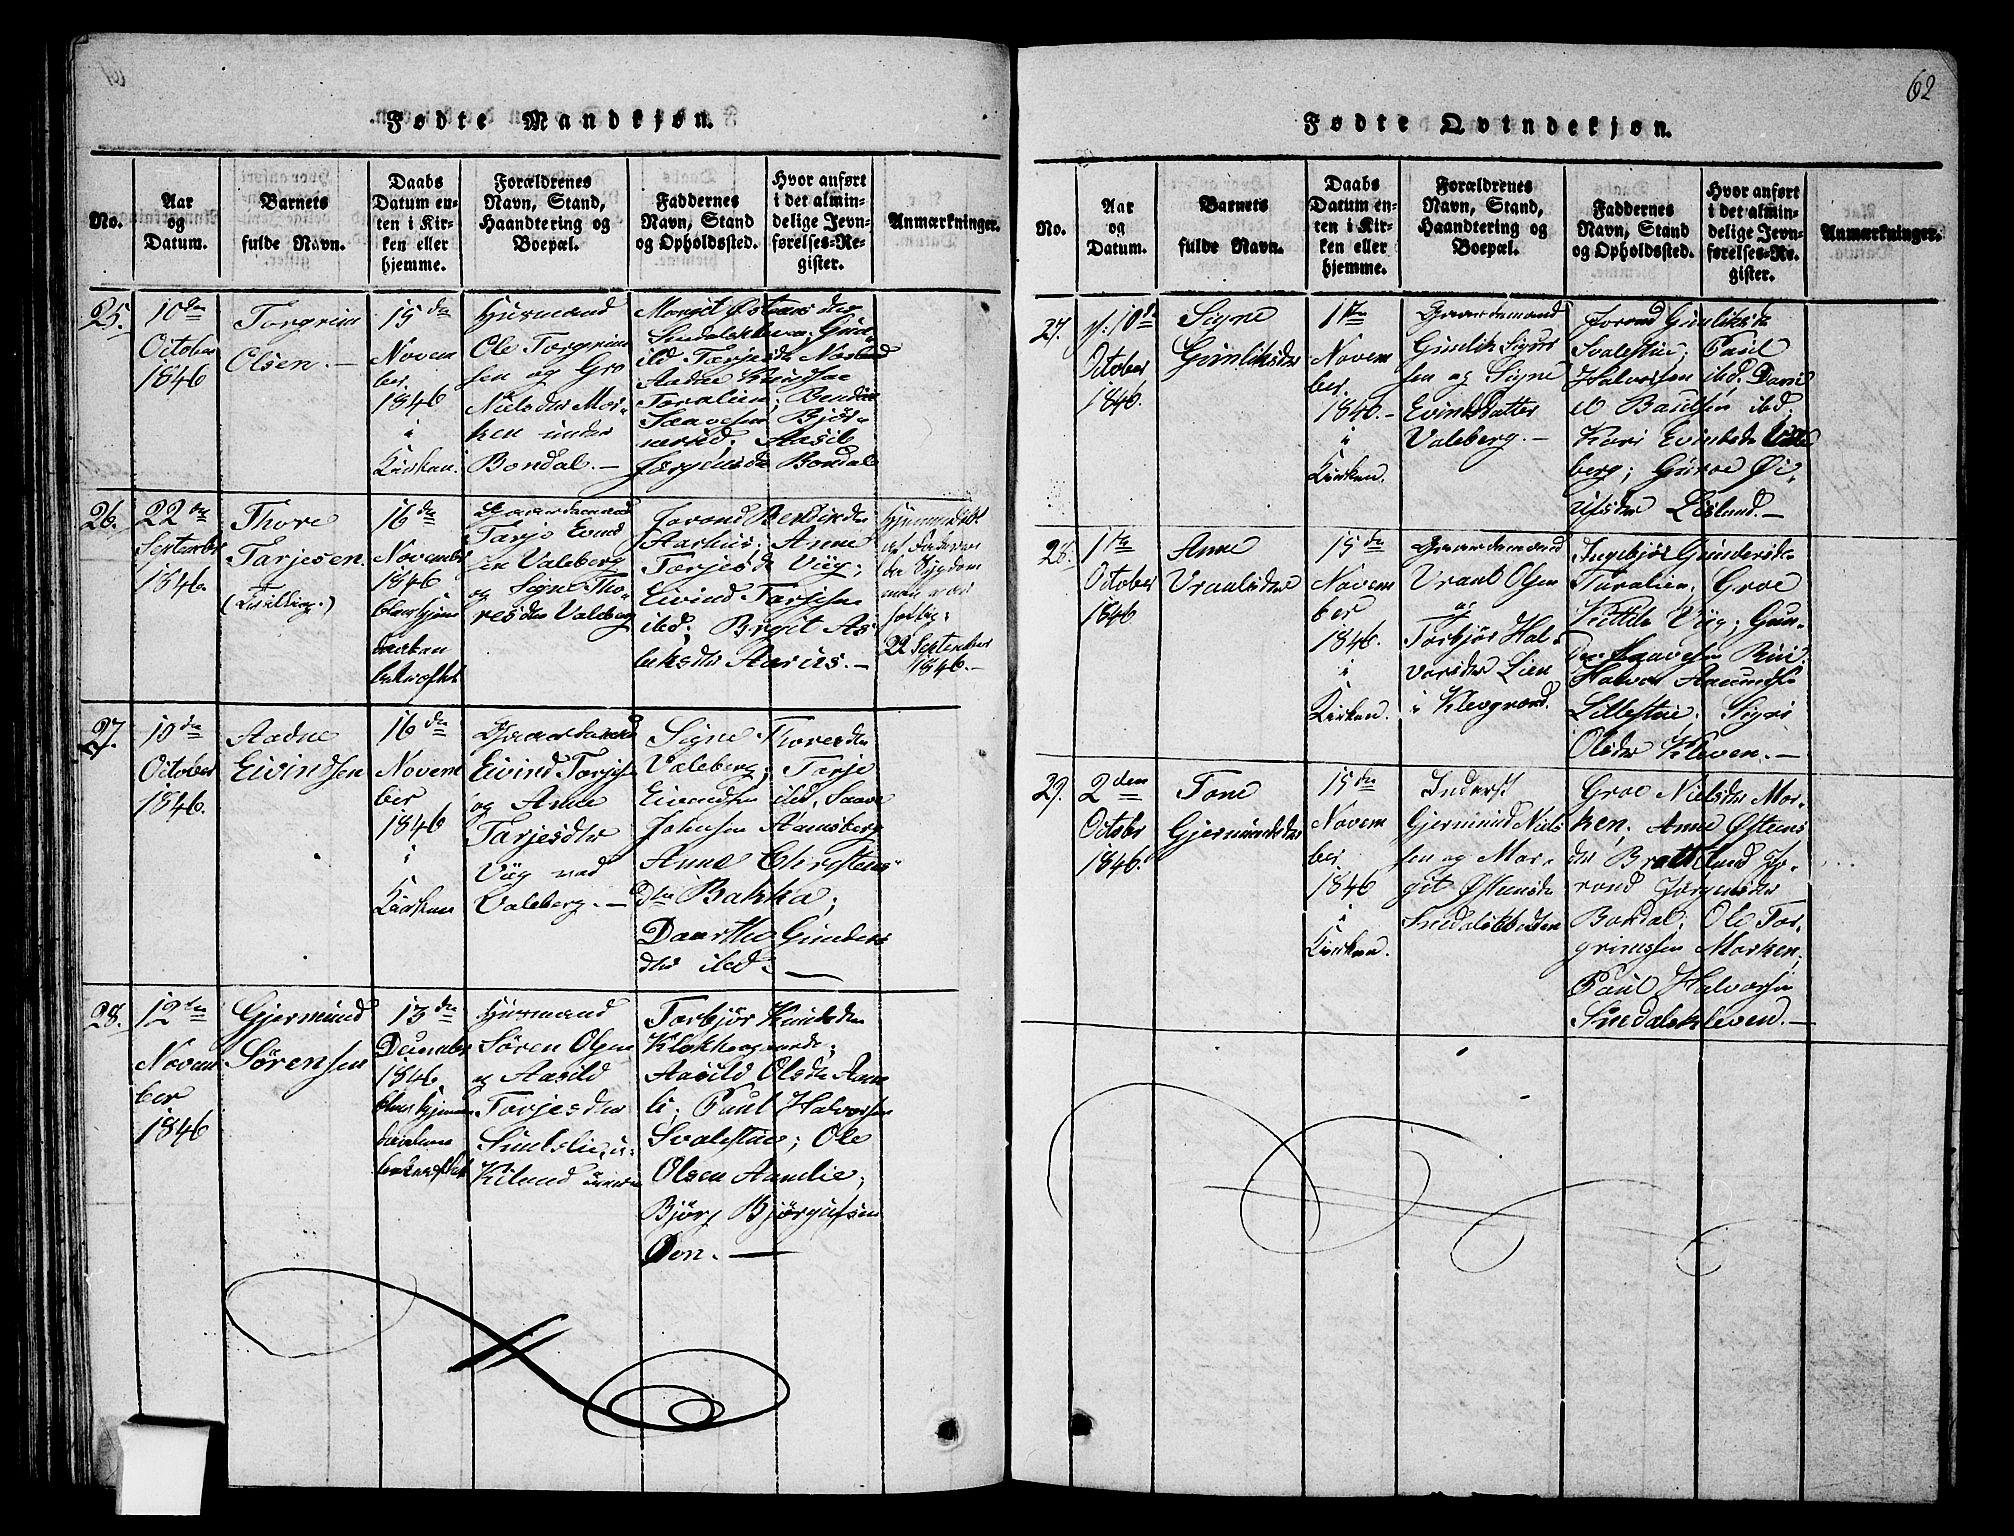 SAKO, Fyresdal kirkebøker, G/Ga/L0002: Klokkerbok nr. I 2, 1815-1857, s. 62